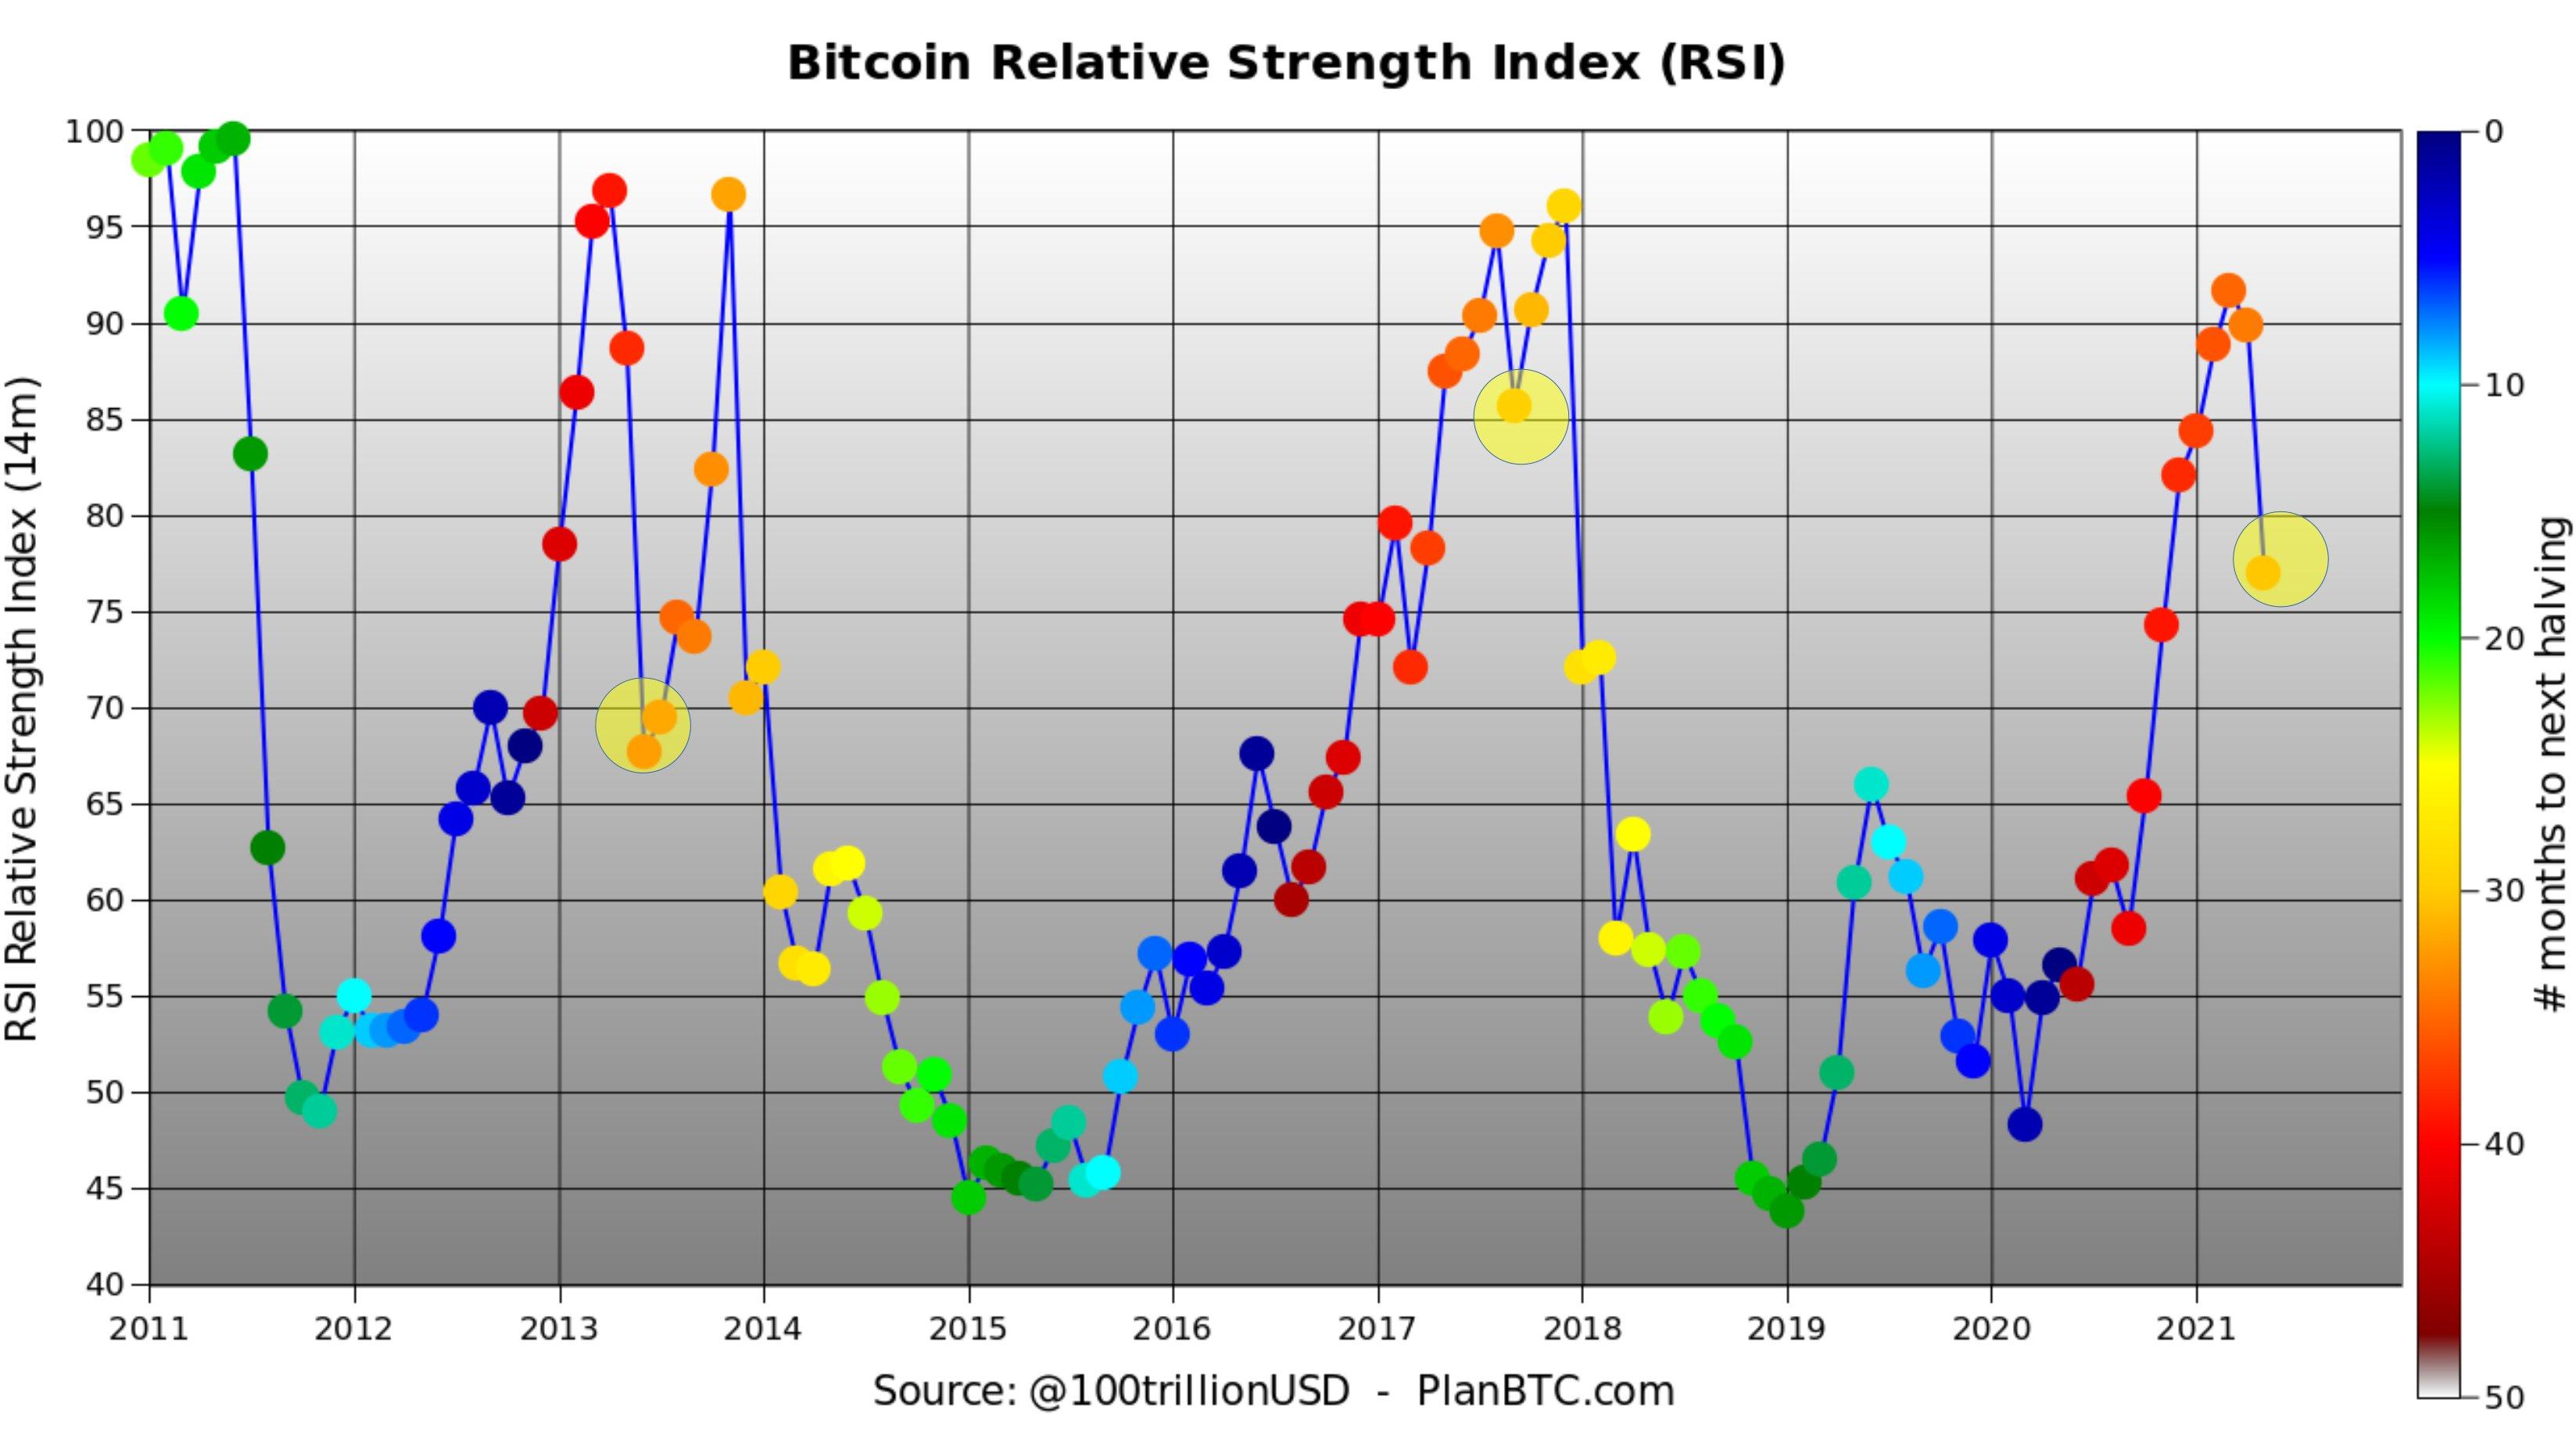 Le RSI sur le cours de Bitcoin n'est pas encore de nature inquiétante - Source : compte twitter @100trillionUSD